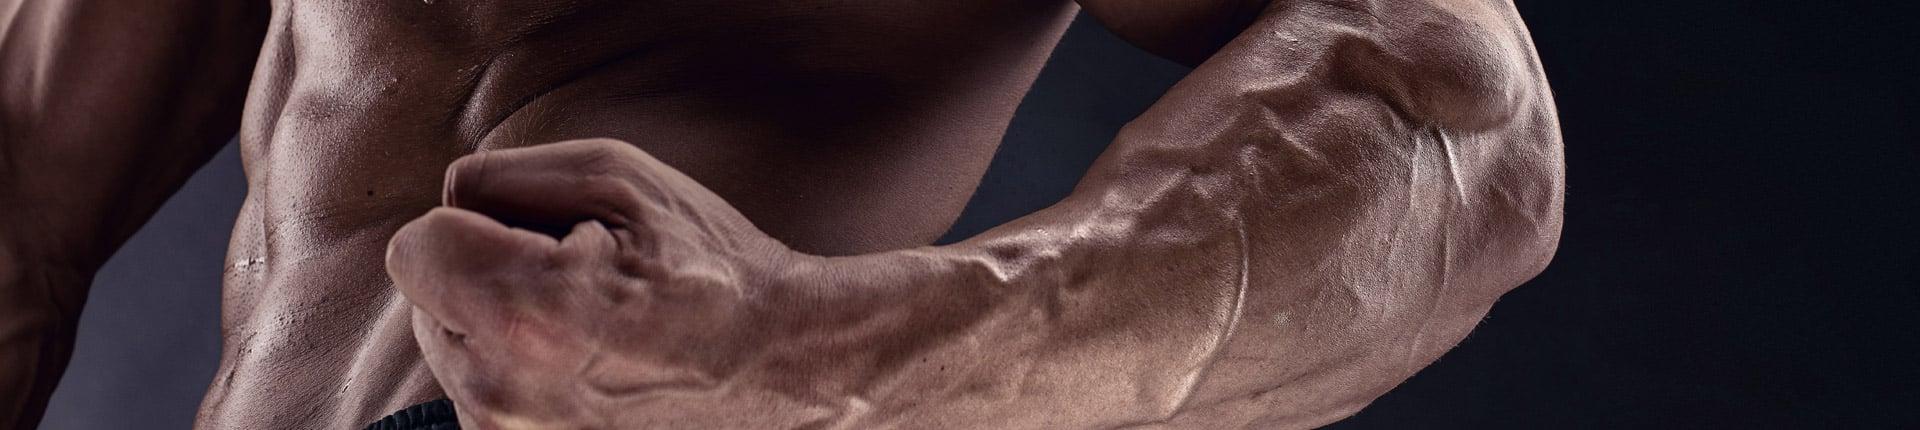 Różeniec górski - naturalny doping krwi